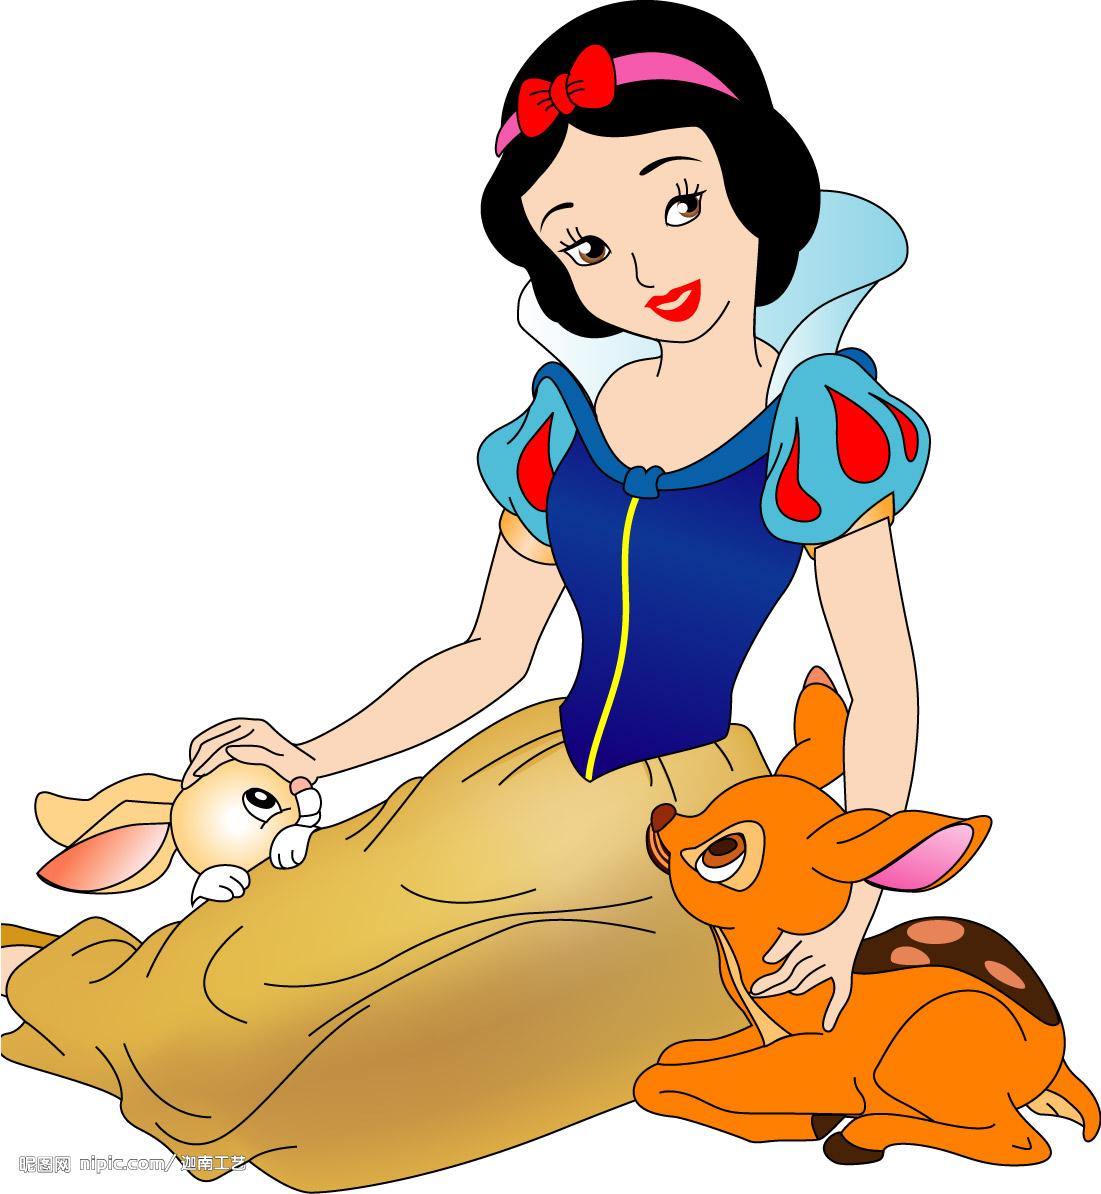 白雪公主(1937年美国动画电影) - 搜狗百科